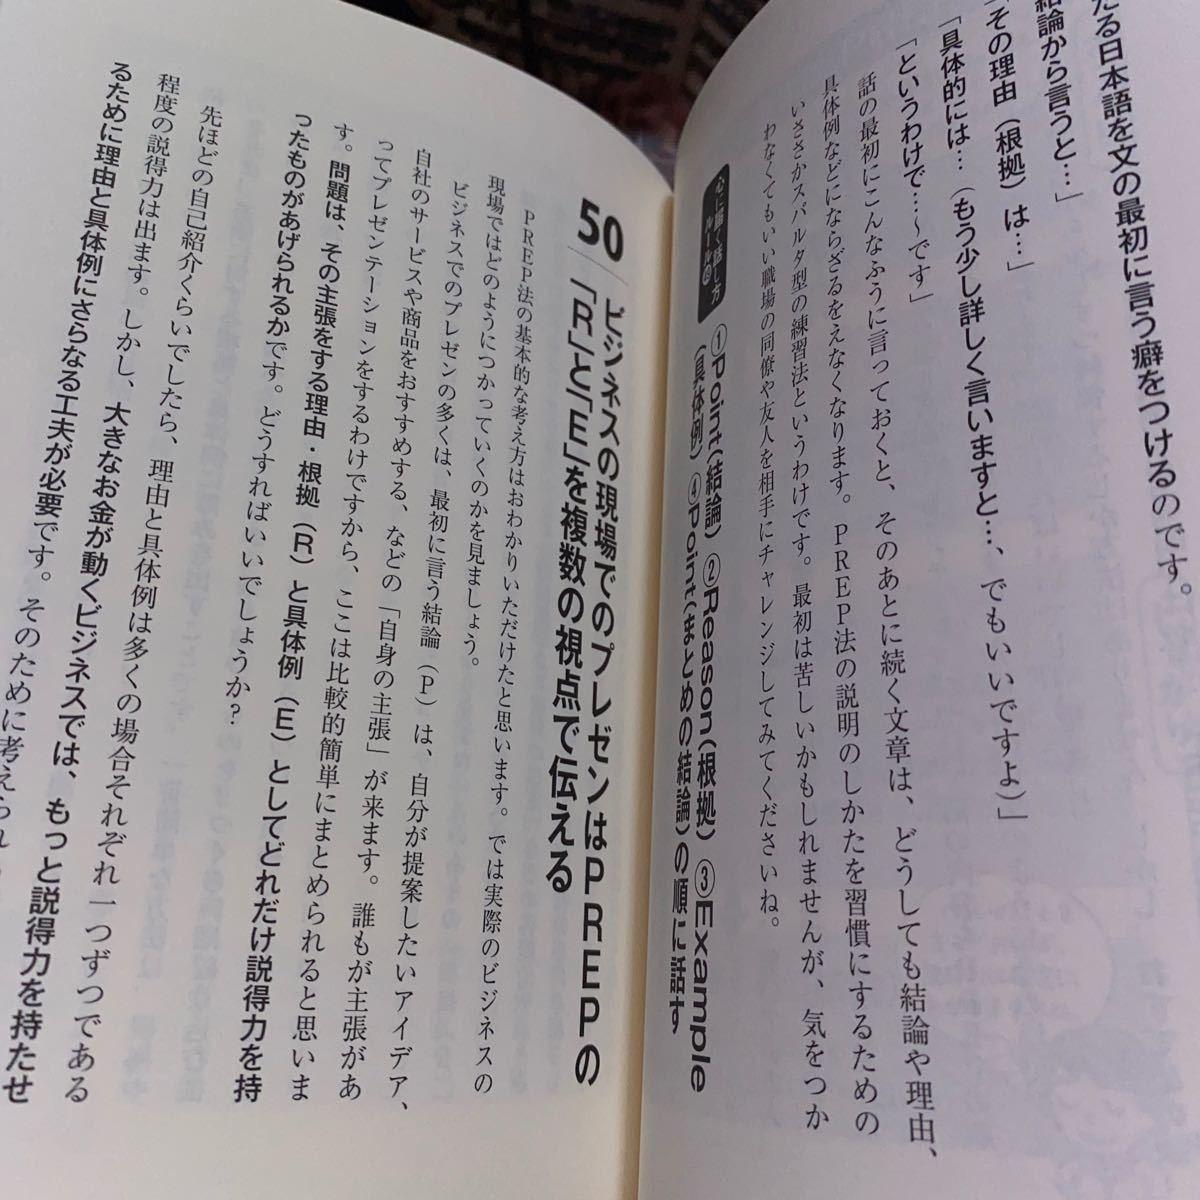 心に届く話し方65のルール/松本和也